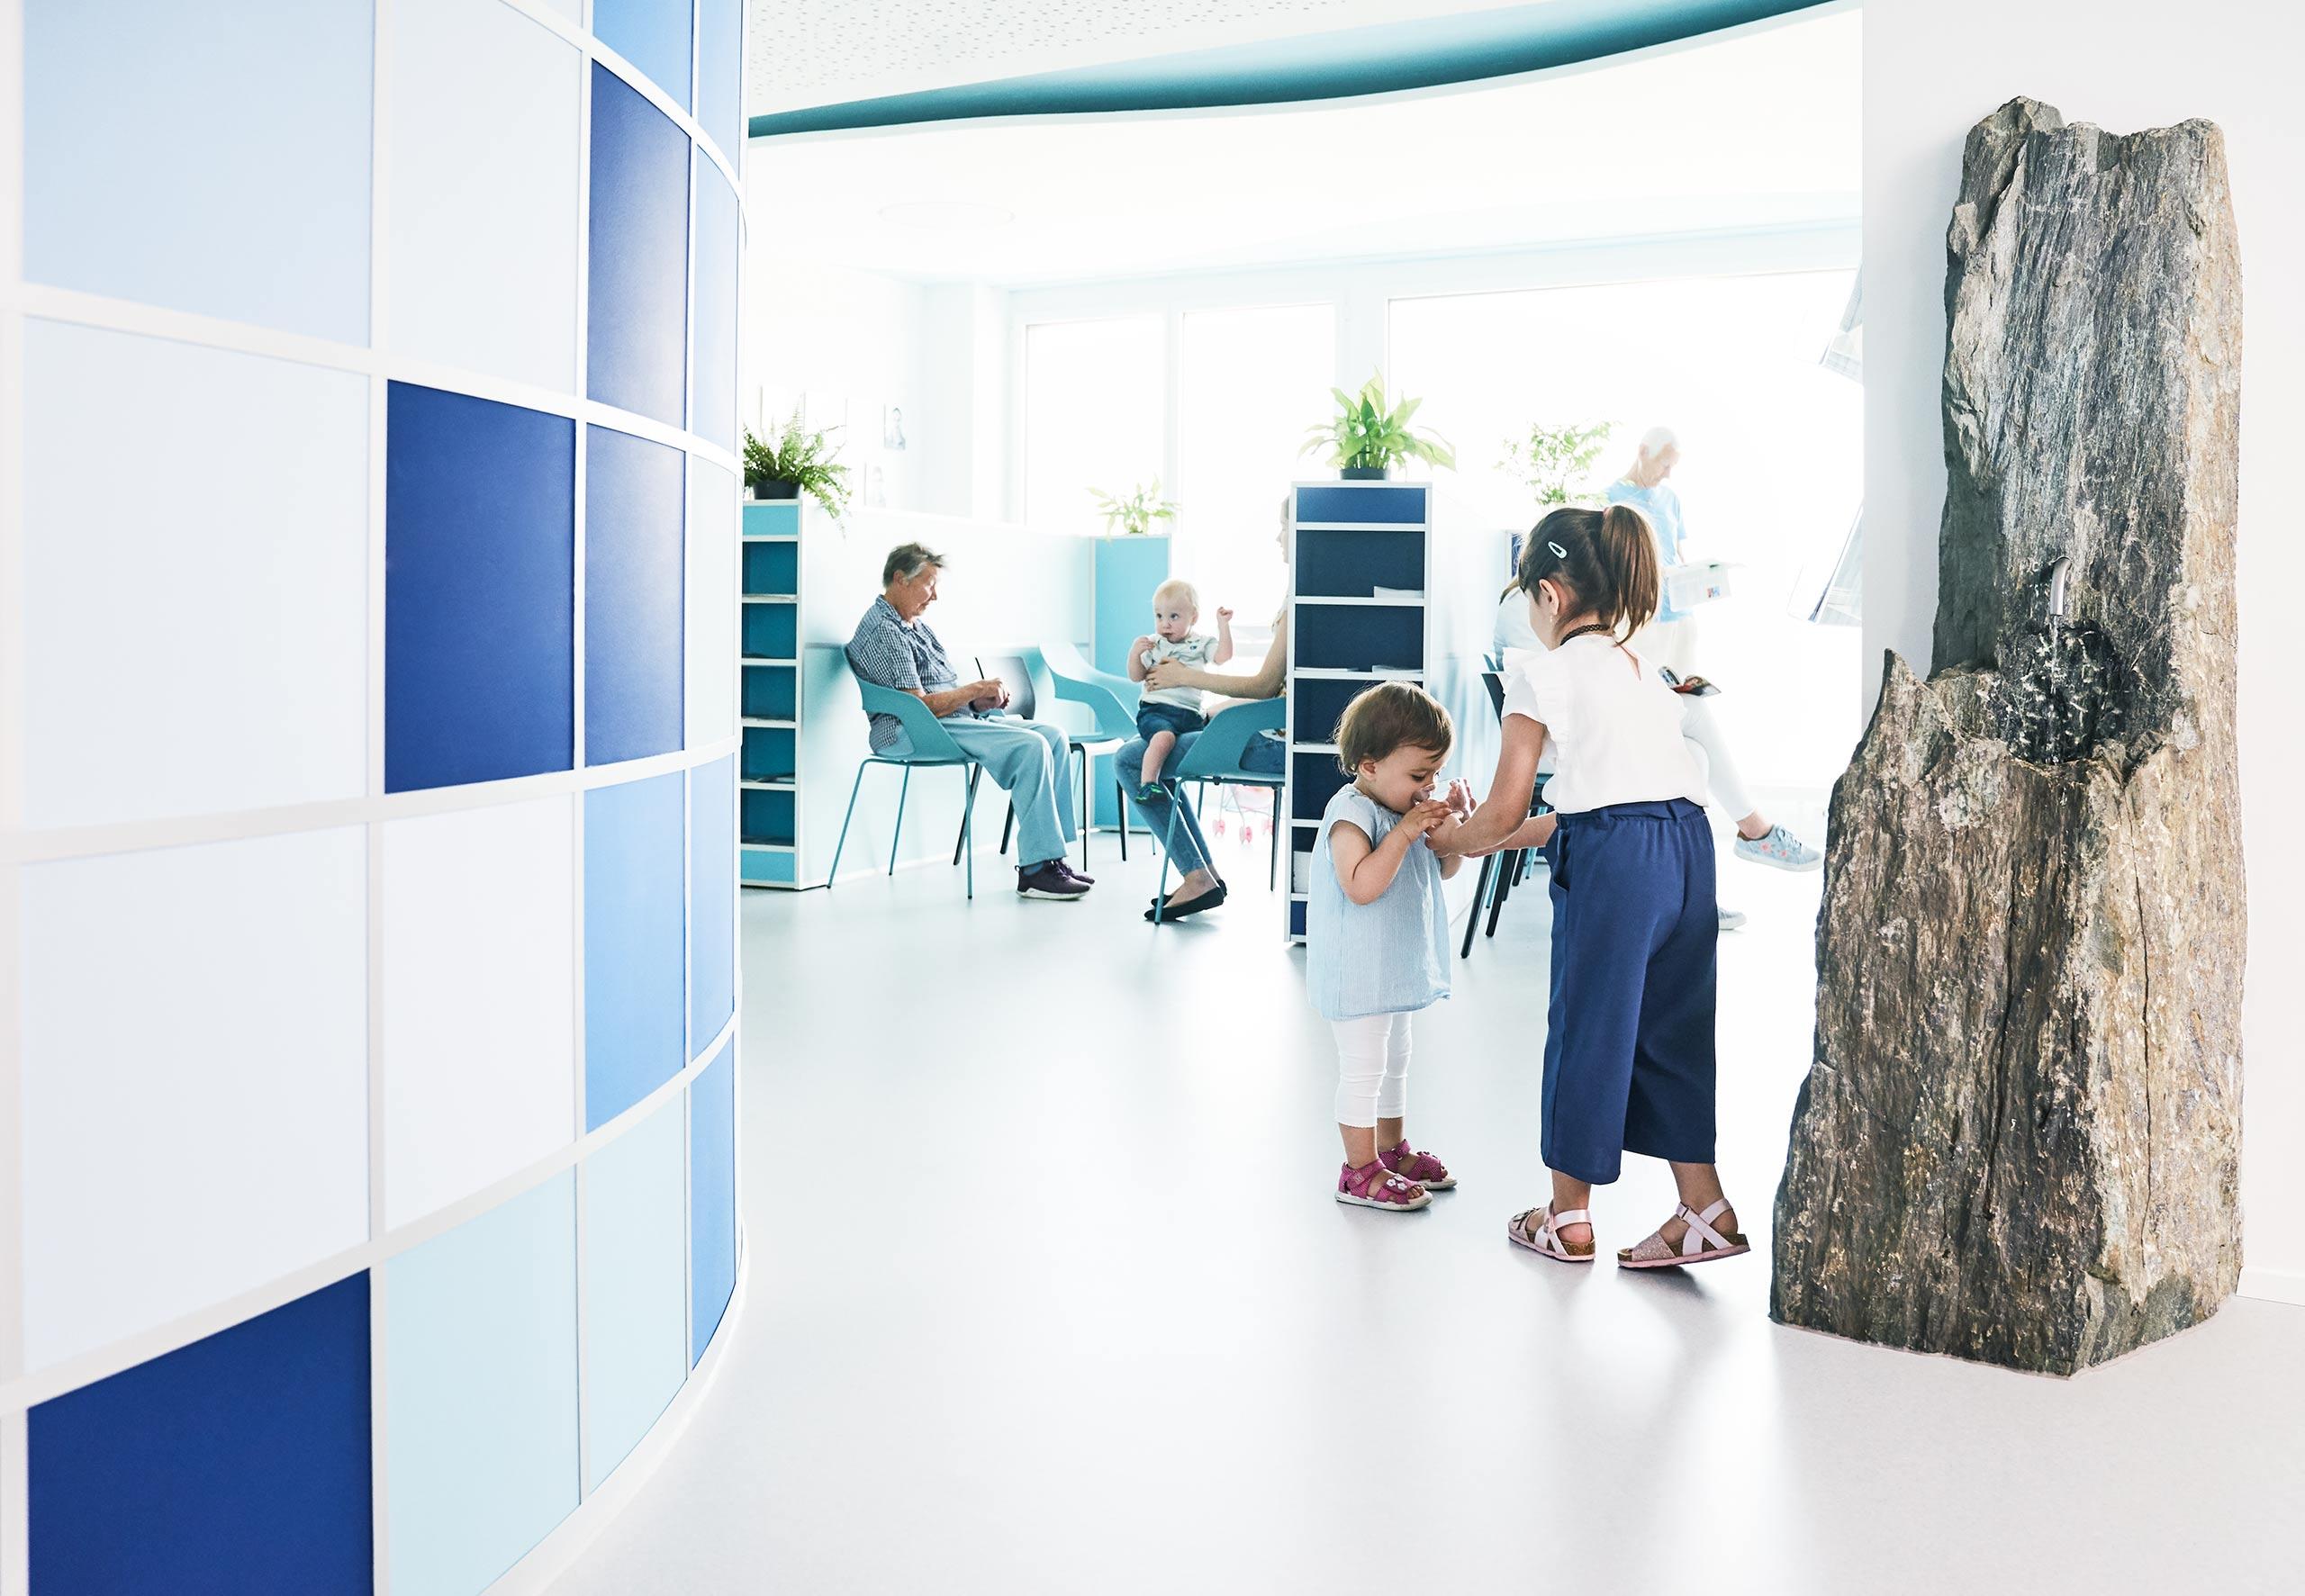 Empfangsbereich der Praxis, spielende Kinder, ein Brunnen